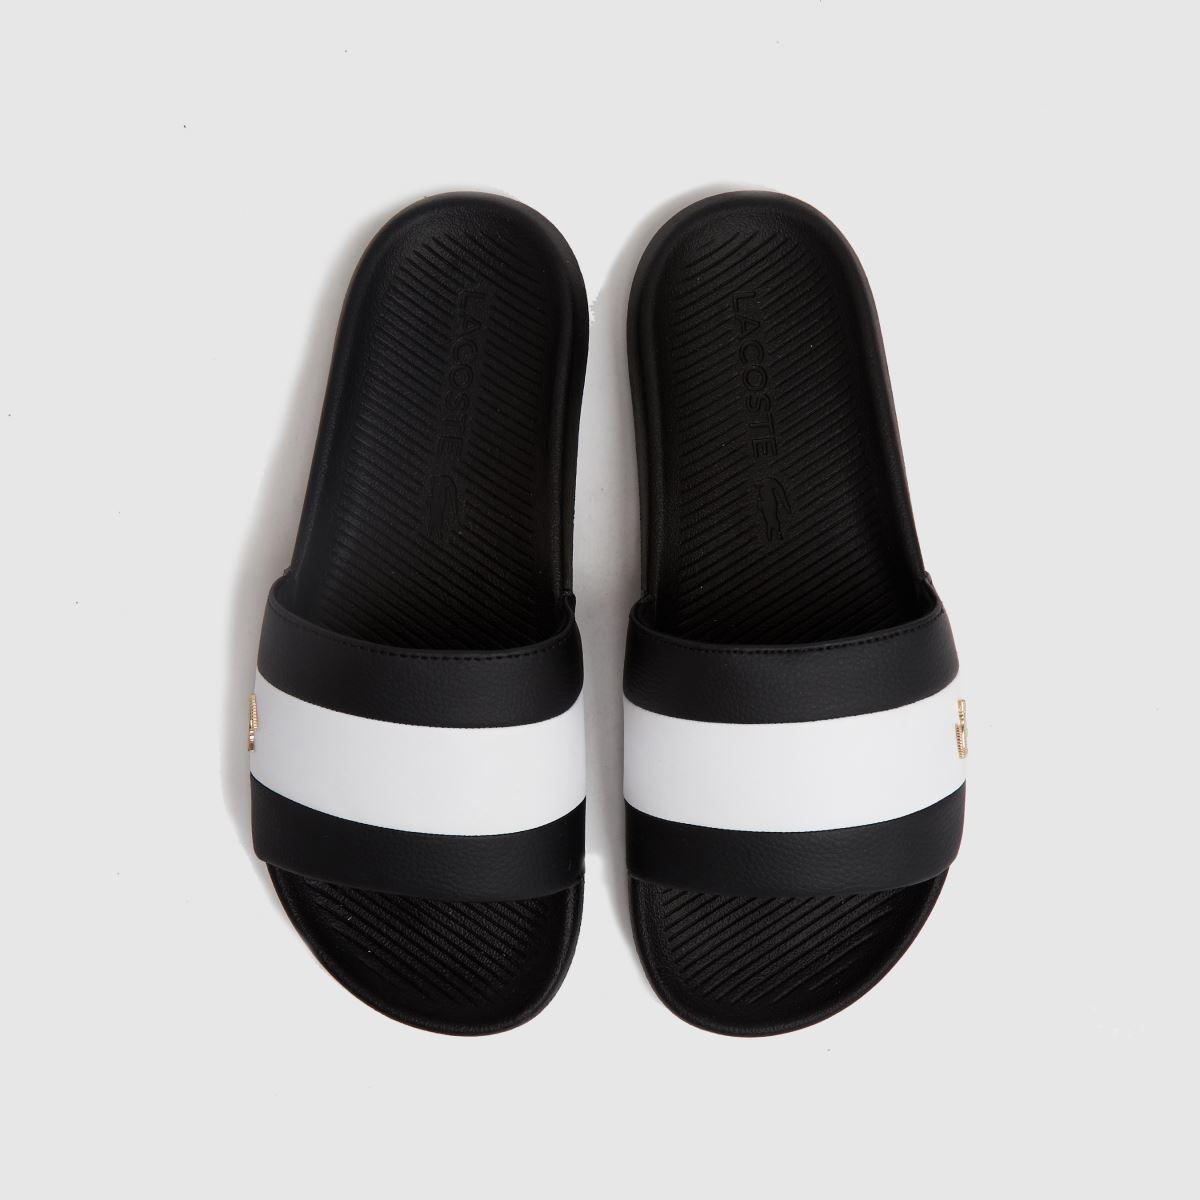 Lacoste Black & White Croco Slide Trainers